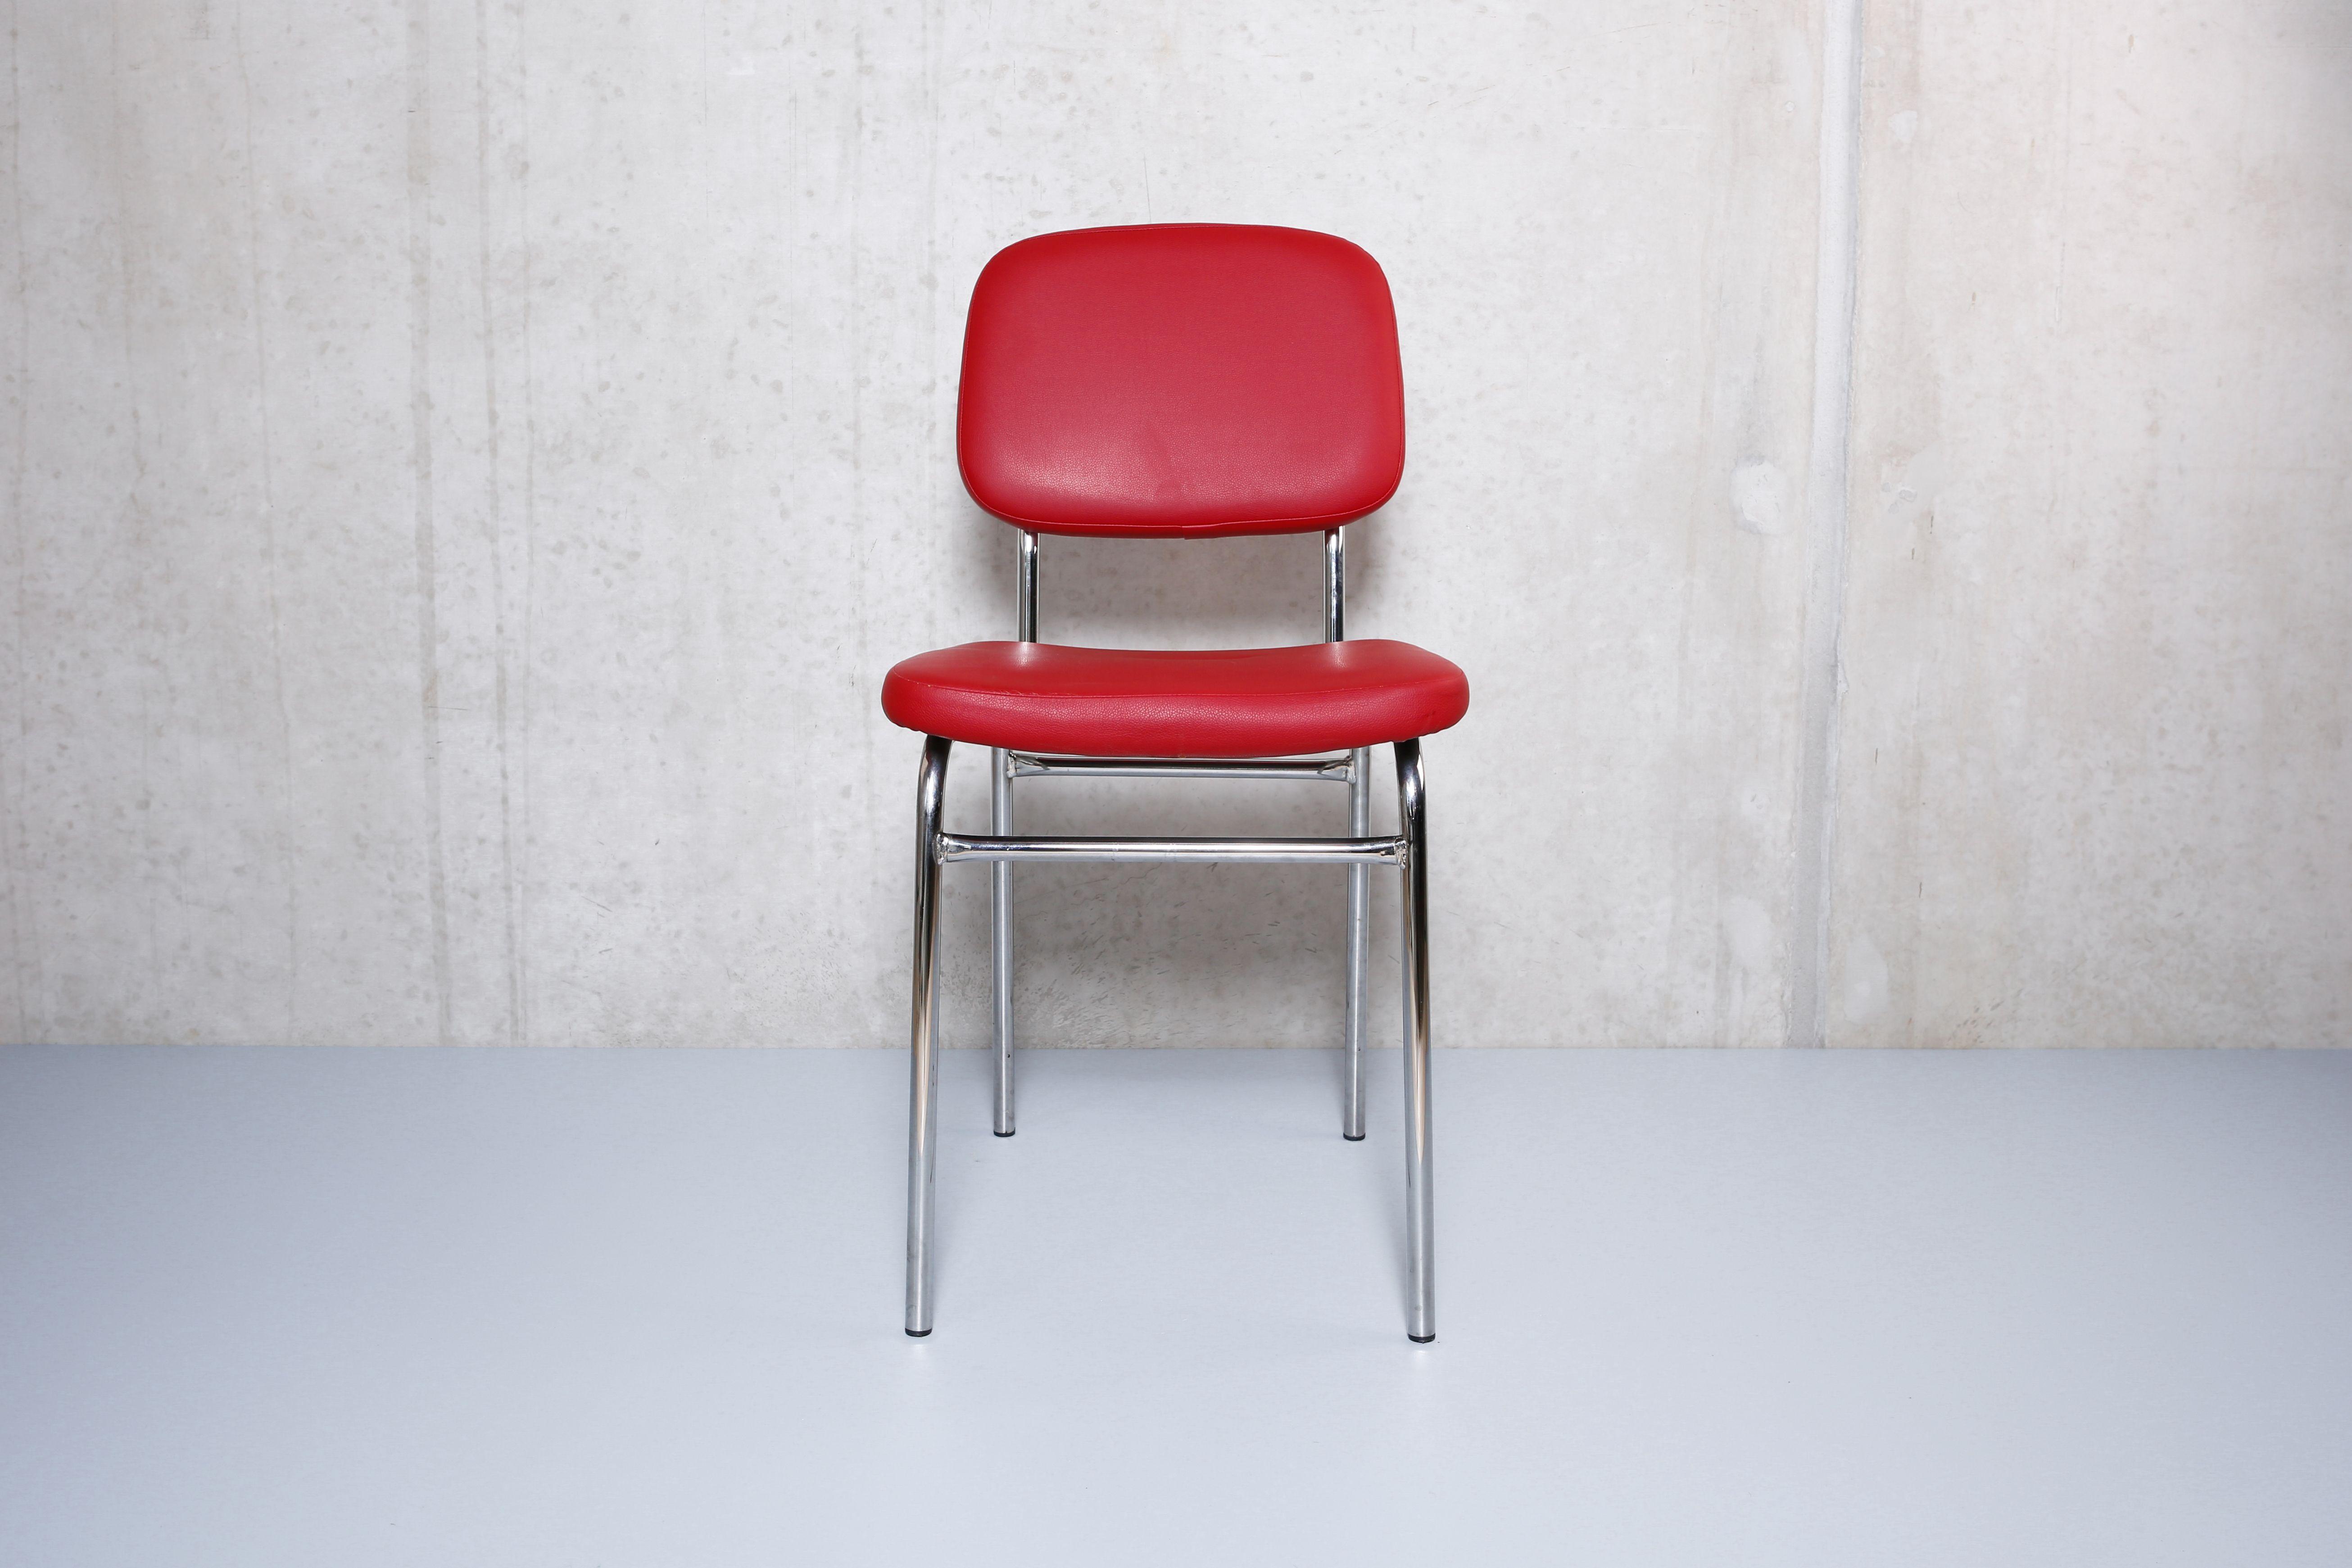 Rote Küchenstühle ~ Roter skai küchenstuhl chromgestell vintage neuwertig stühle